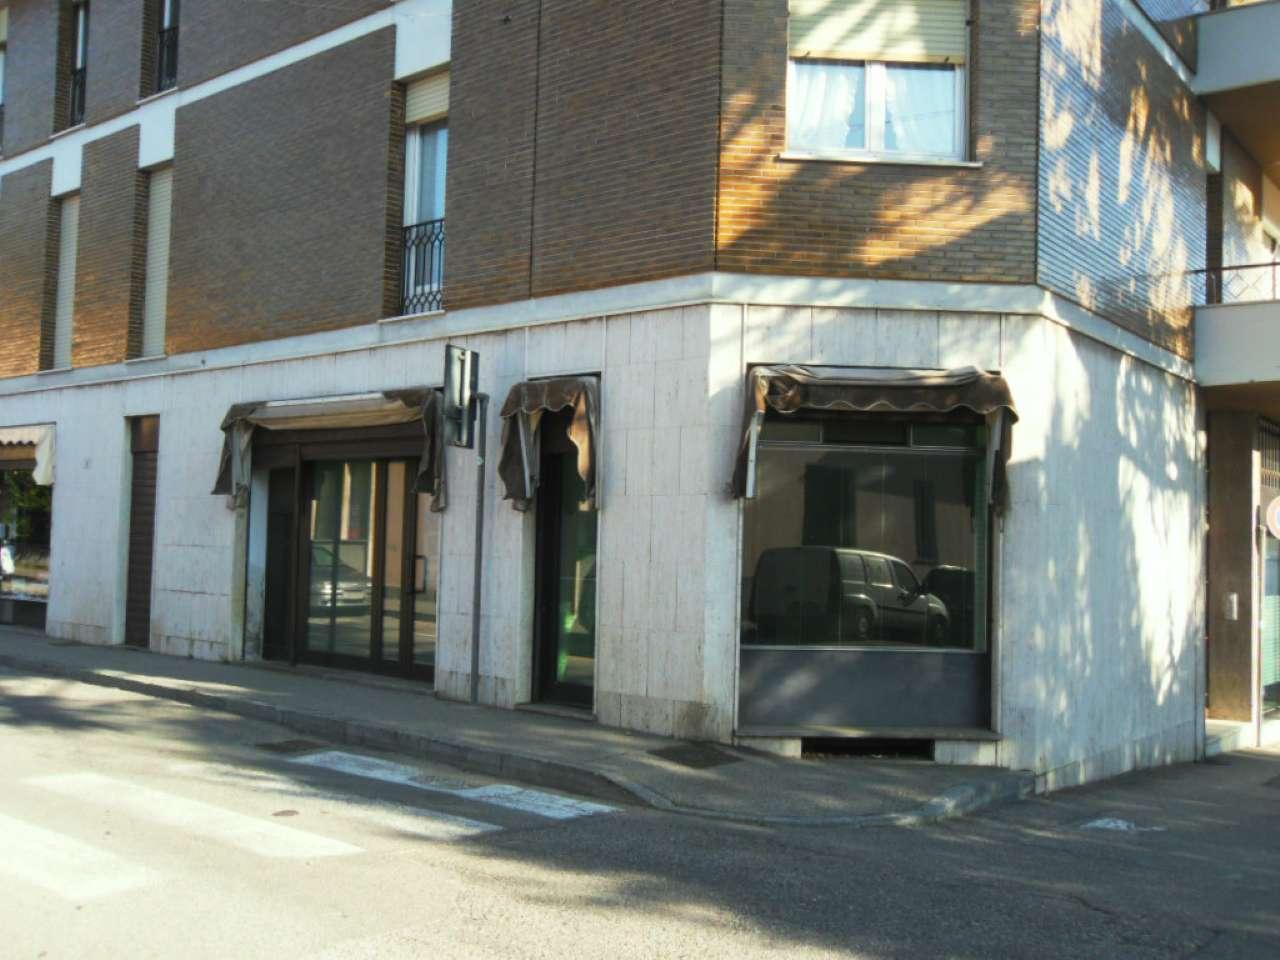 Negozio / Locale in vendita a Albizzate, 9999 locali, prezzo € 70.000 | Cambio Casa.it